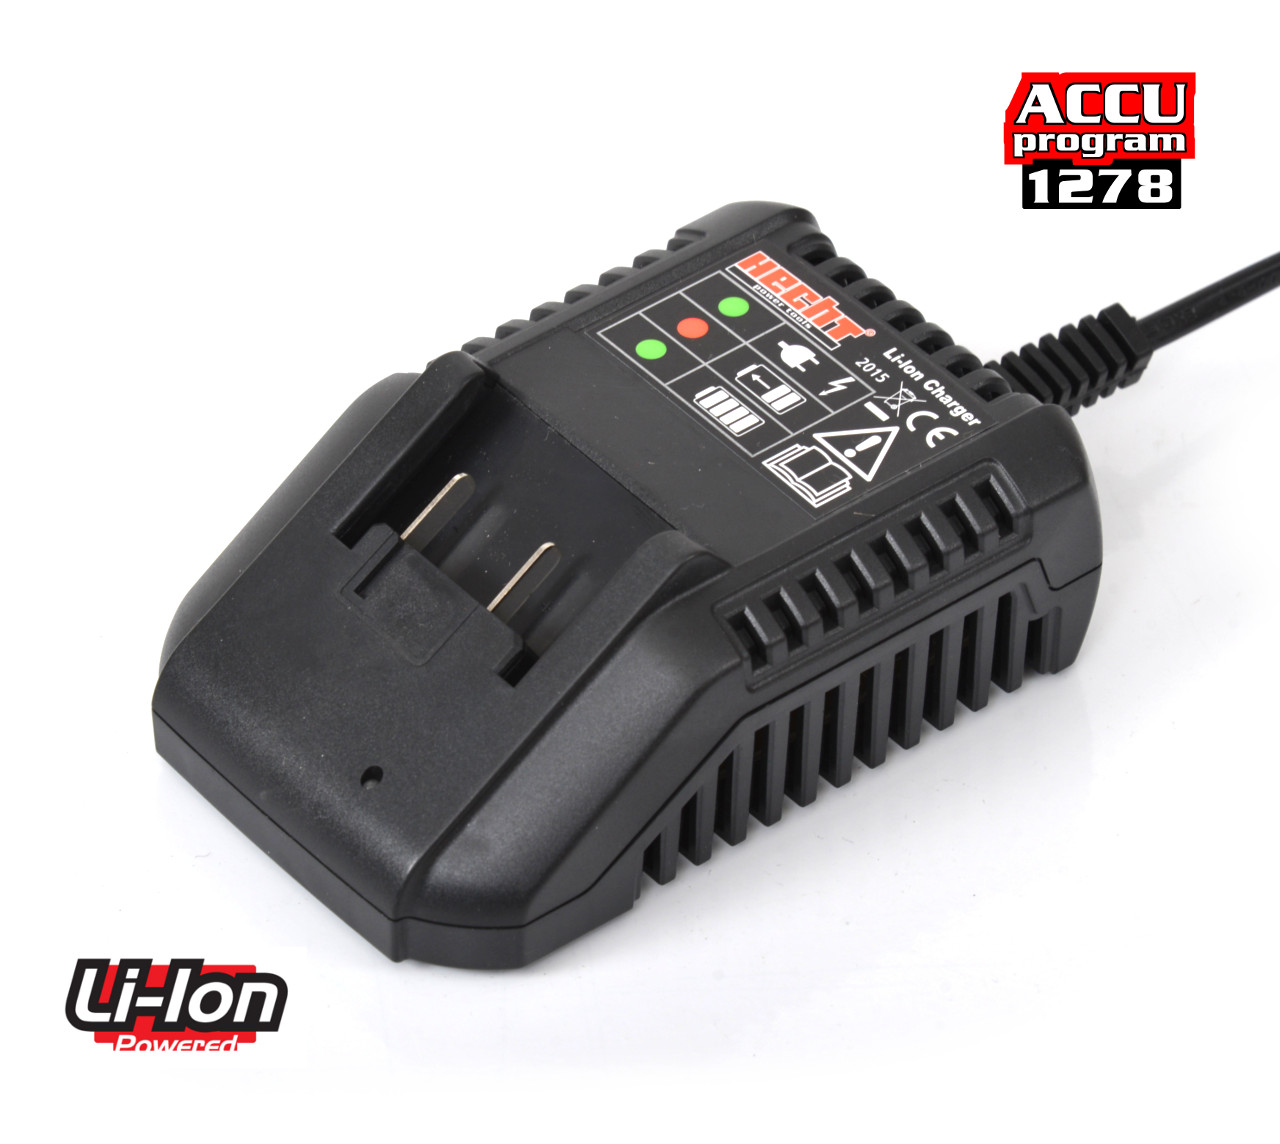 001277CH - Nabíječka li-ion akumulátorů